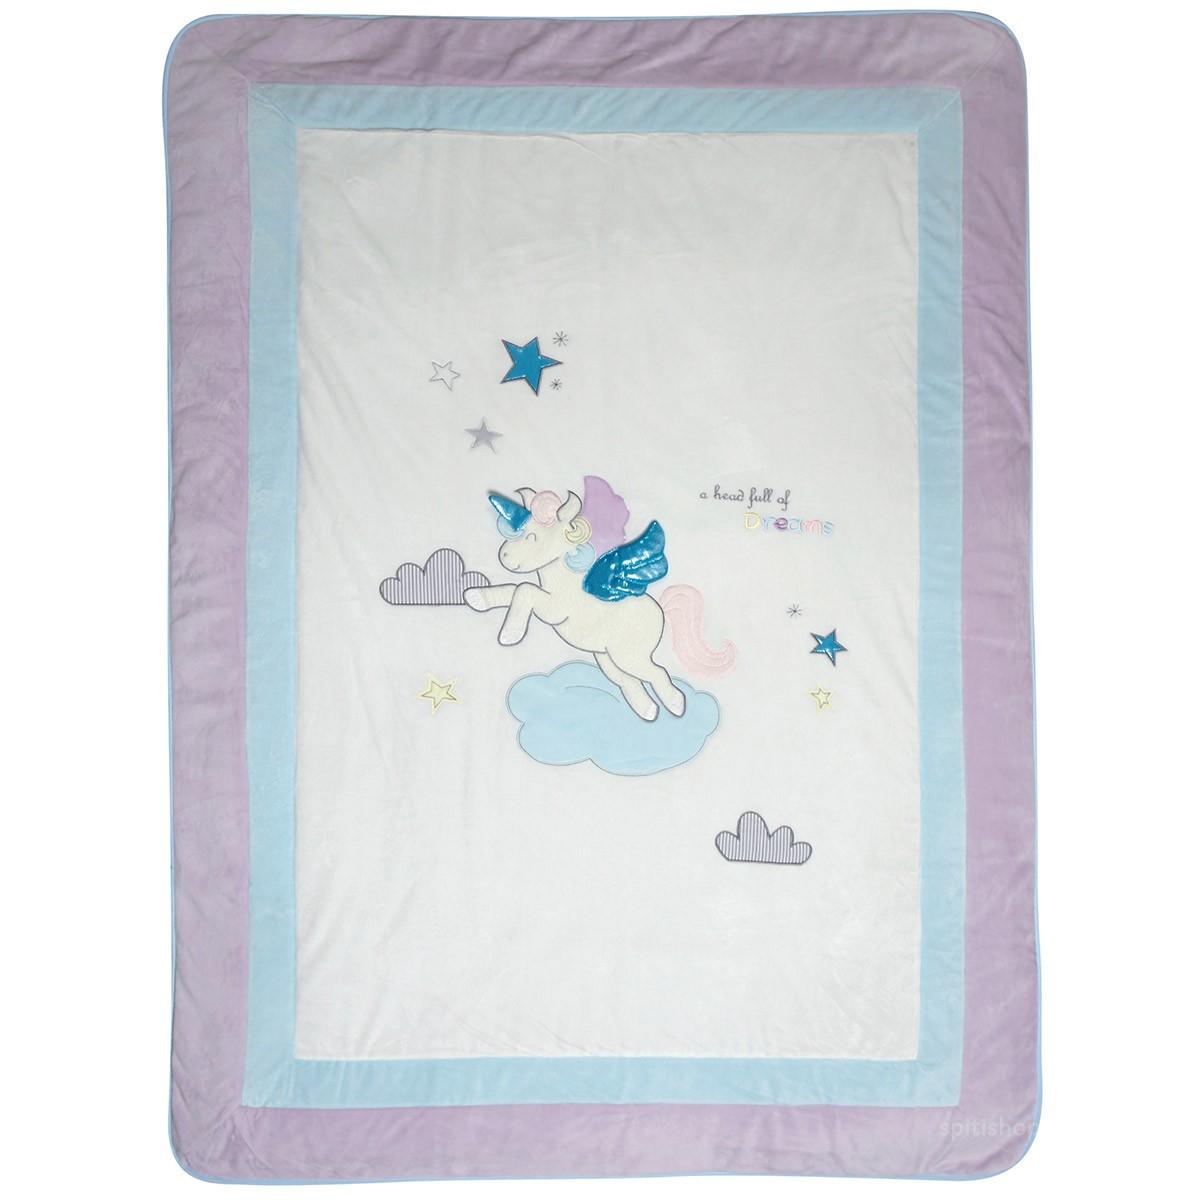 Κουβερλί Κούνιας (Σετ) Das Home Dream Embroidery 6463